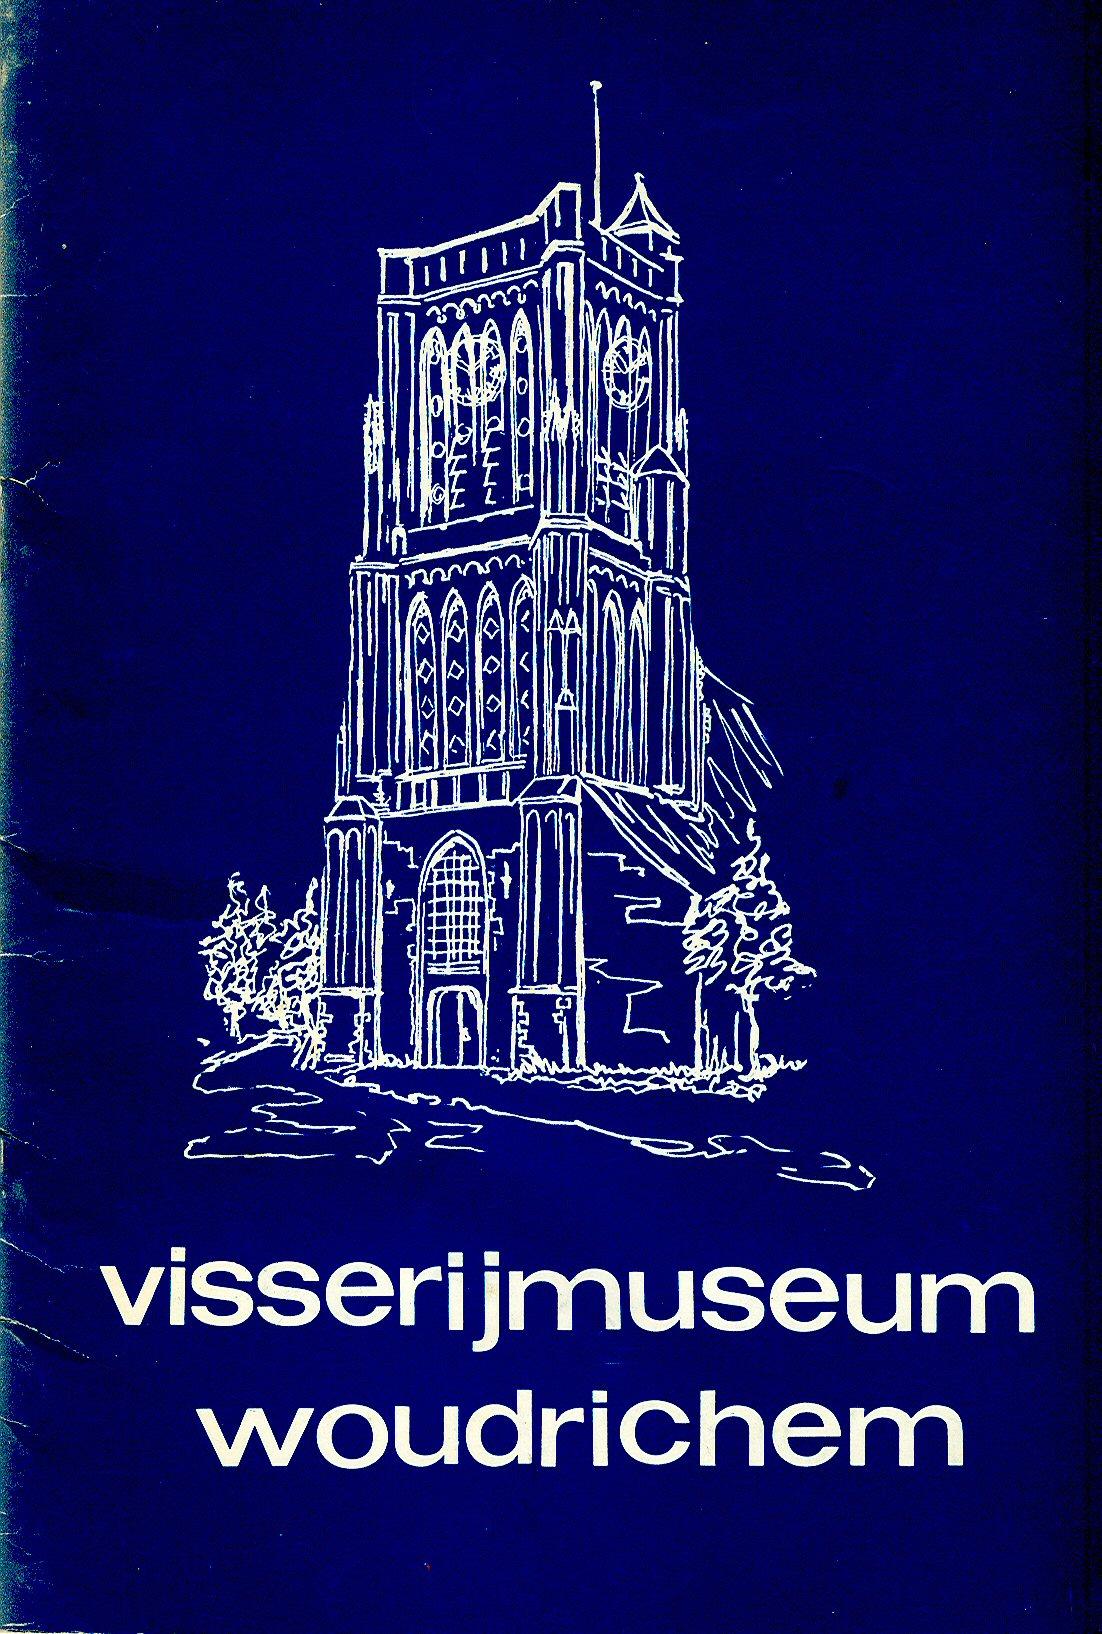 019 Visserijmuseum Woudrichem